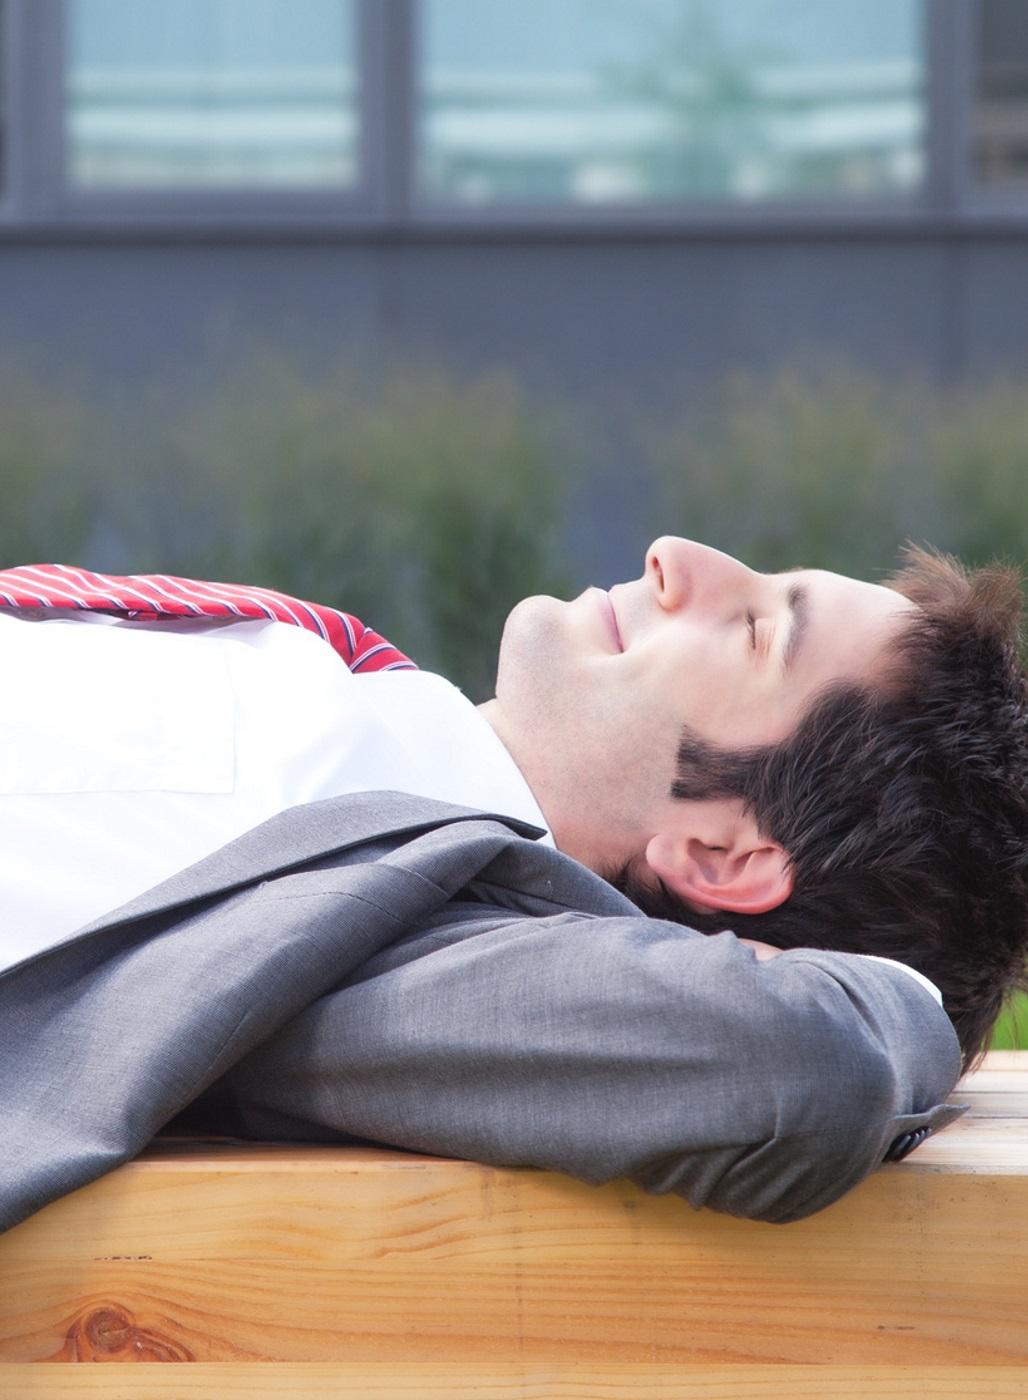 Geschäftsmann entspannt auf einer Bank.